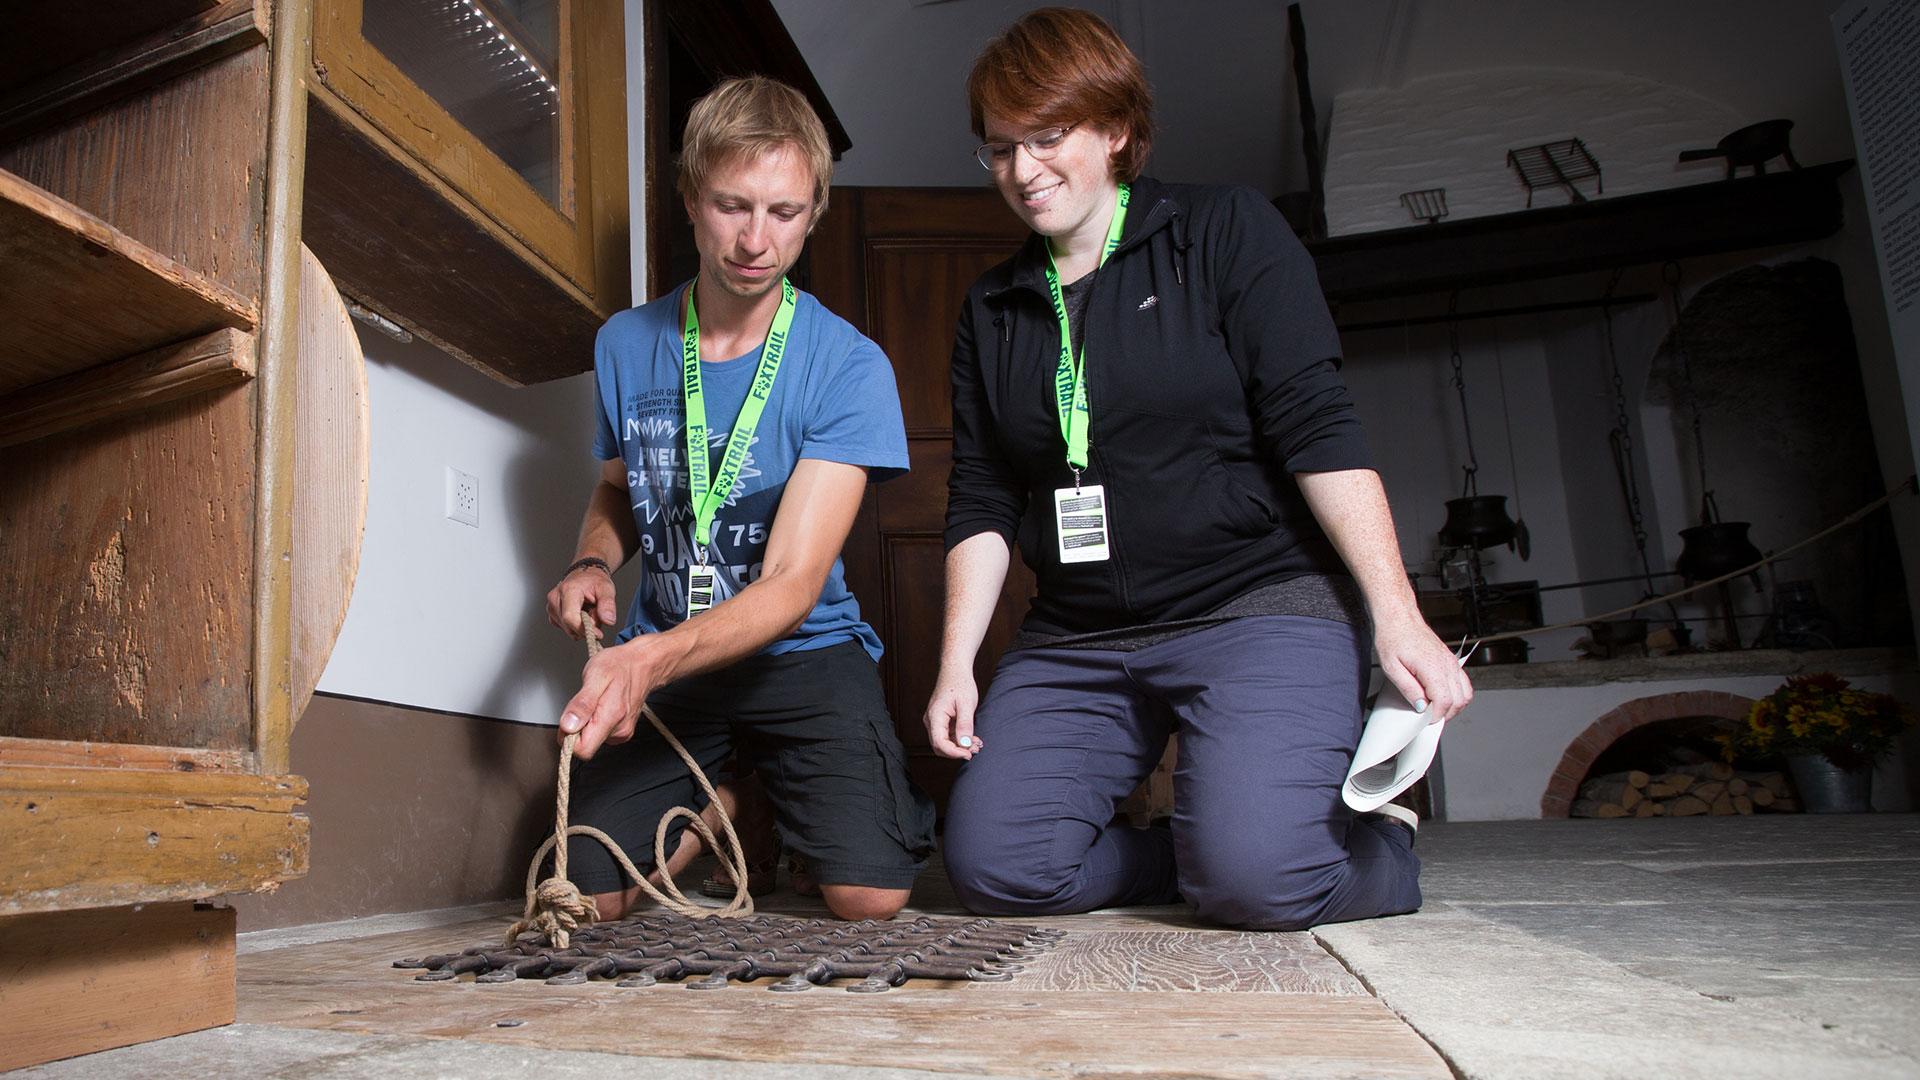 Zwei Foxtrail-Teilnehmer*innen im Schloss Wildegg